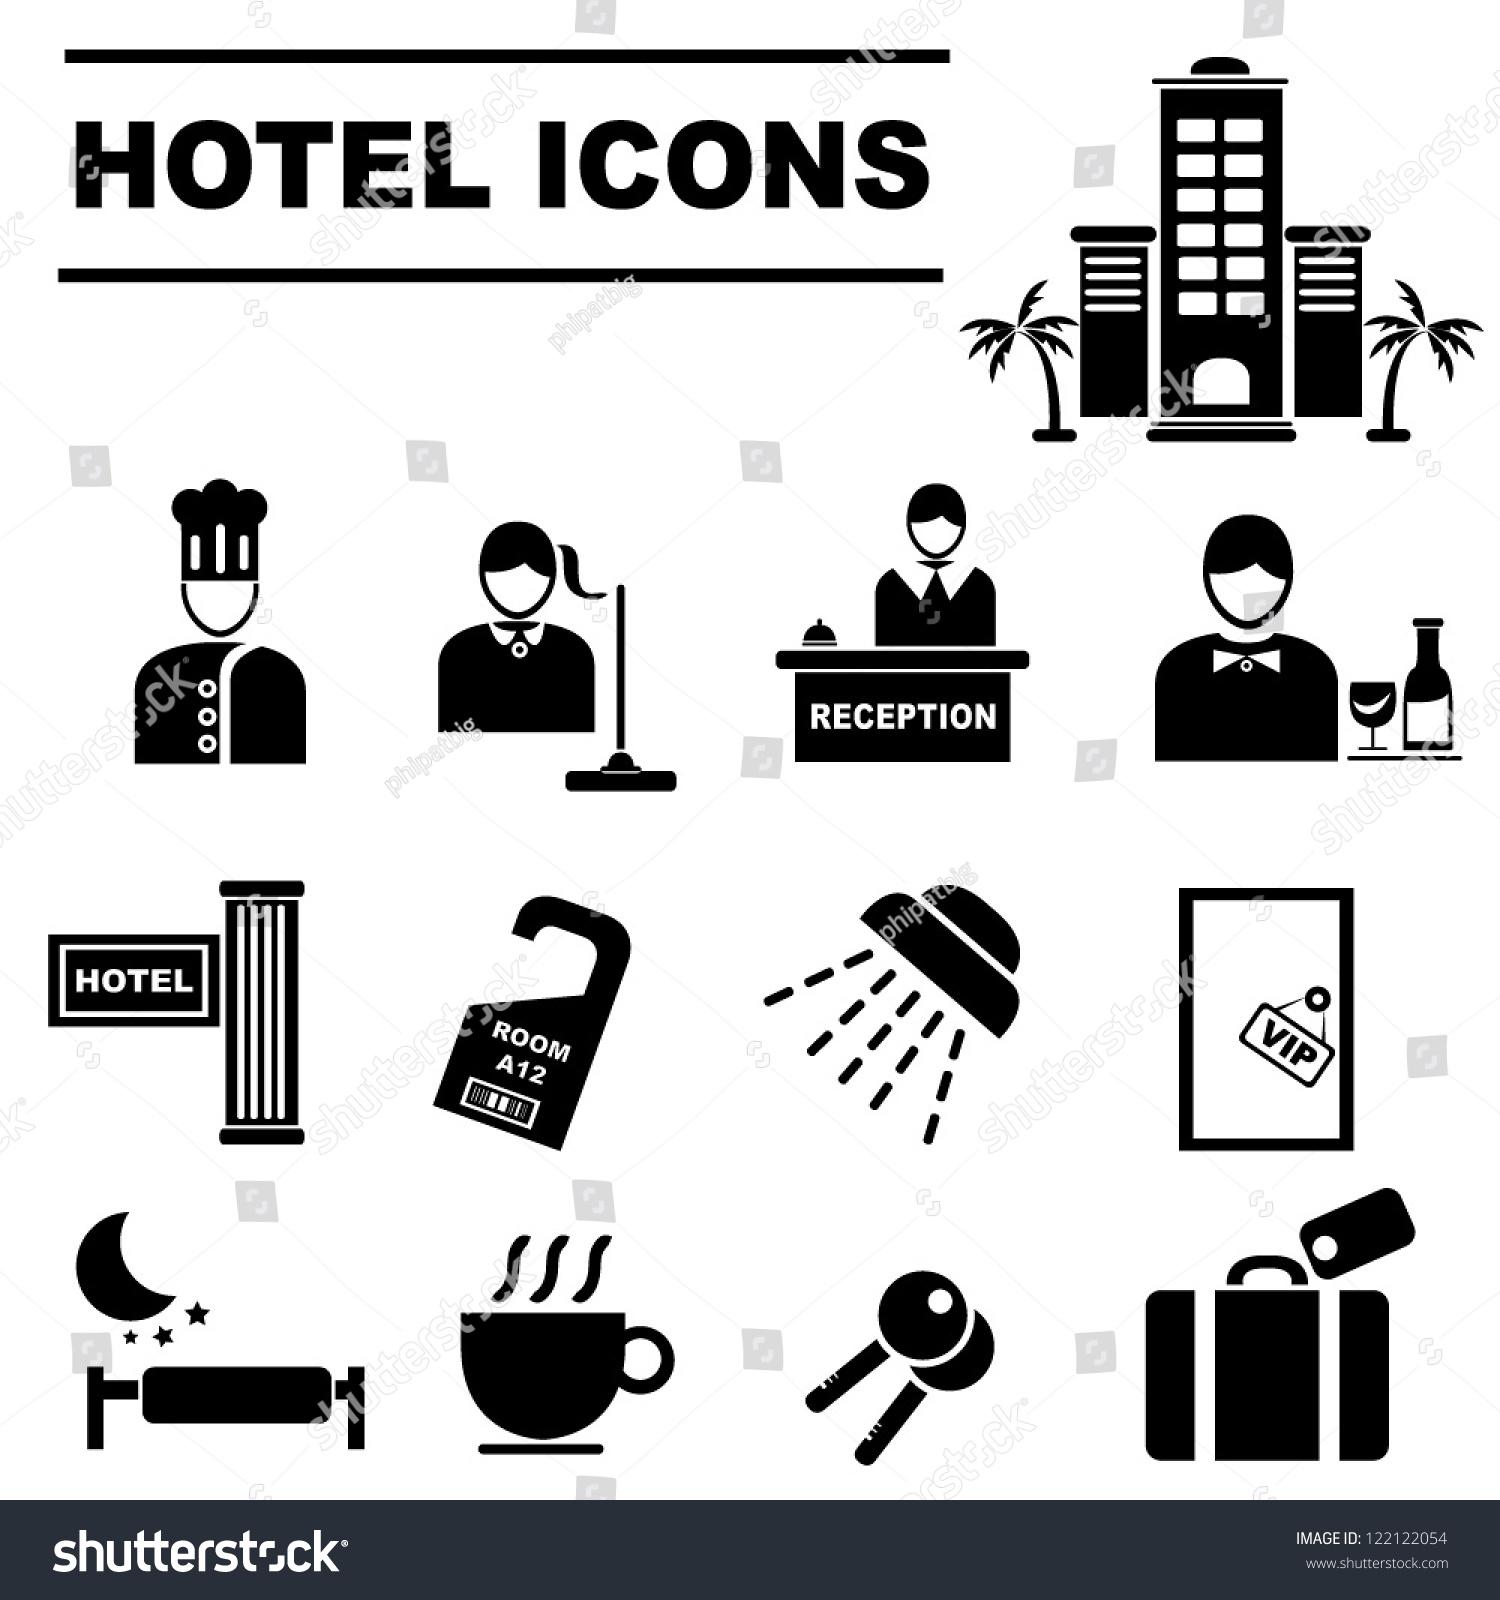 Image Gallery hotel icon vector